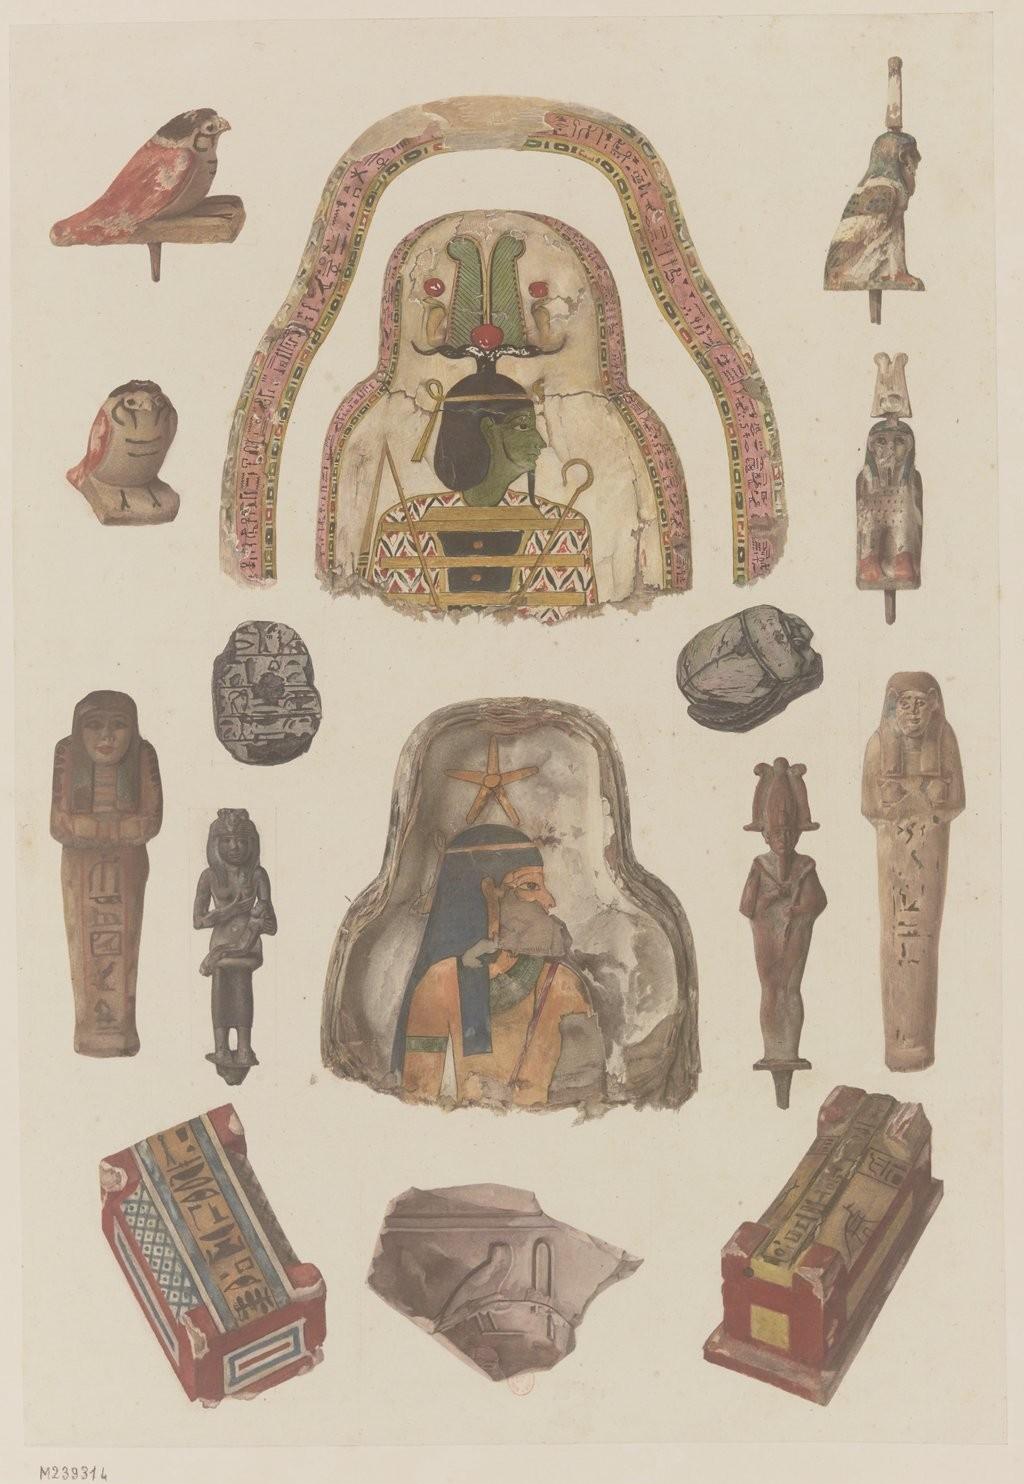 Виды фрагментов саркофагов и обломки расписного дерева, камня и бронзы